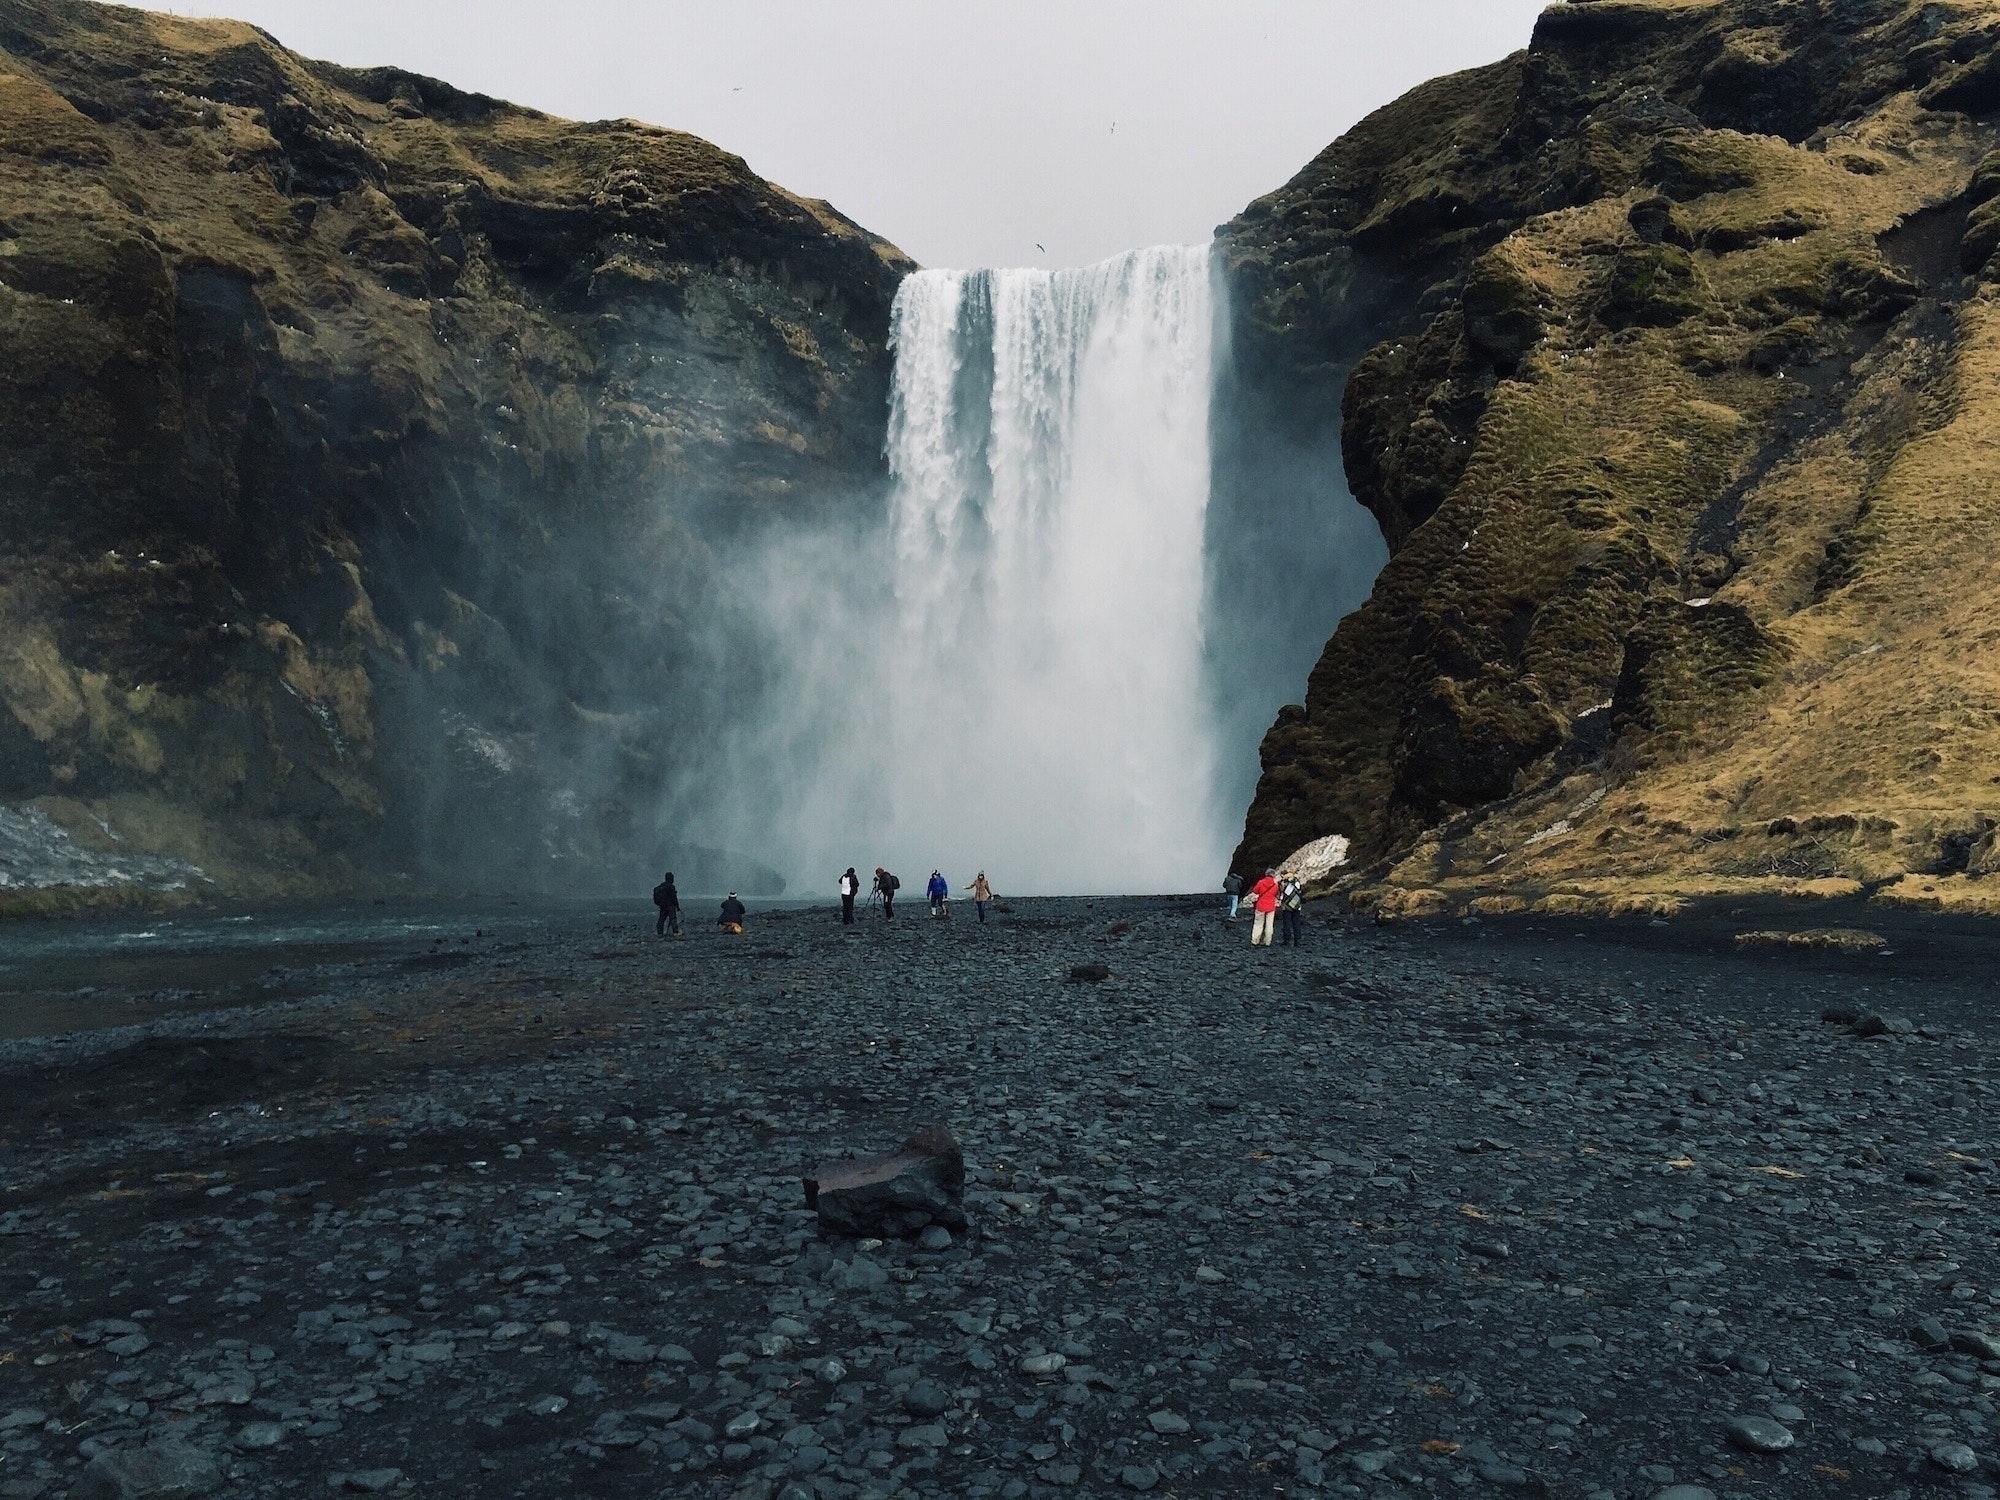 冰岛斯科加瀑布(Skogafoss)